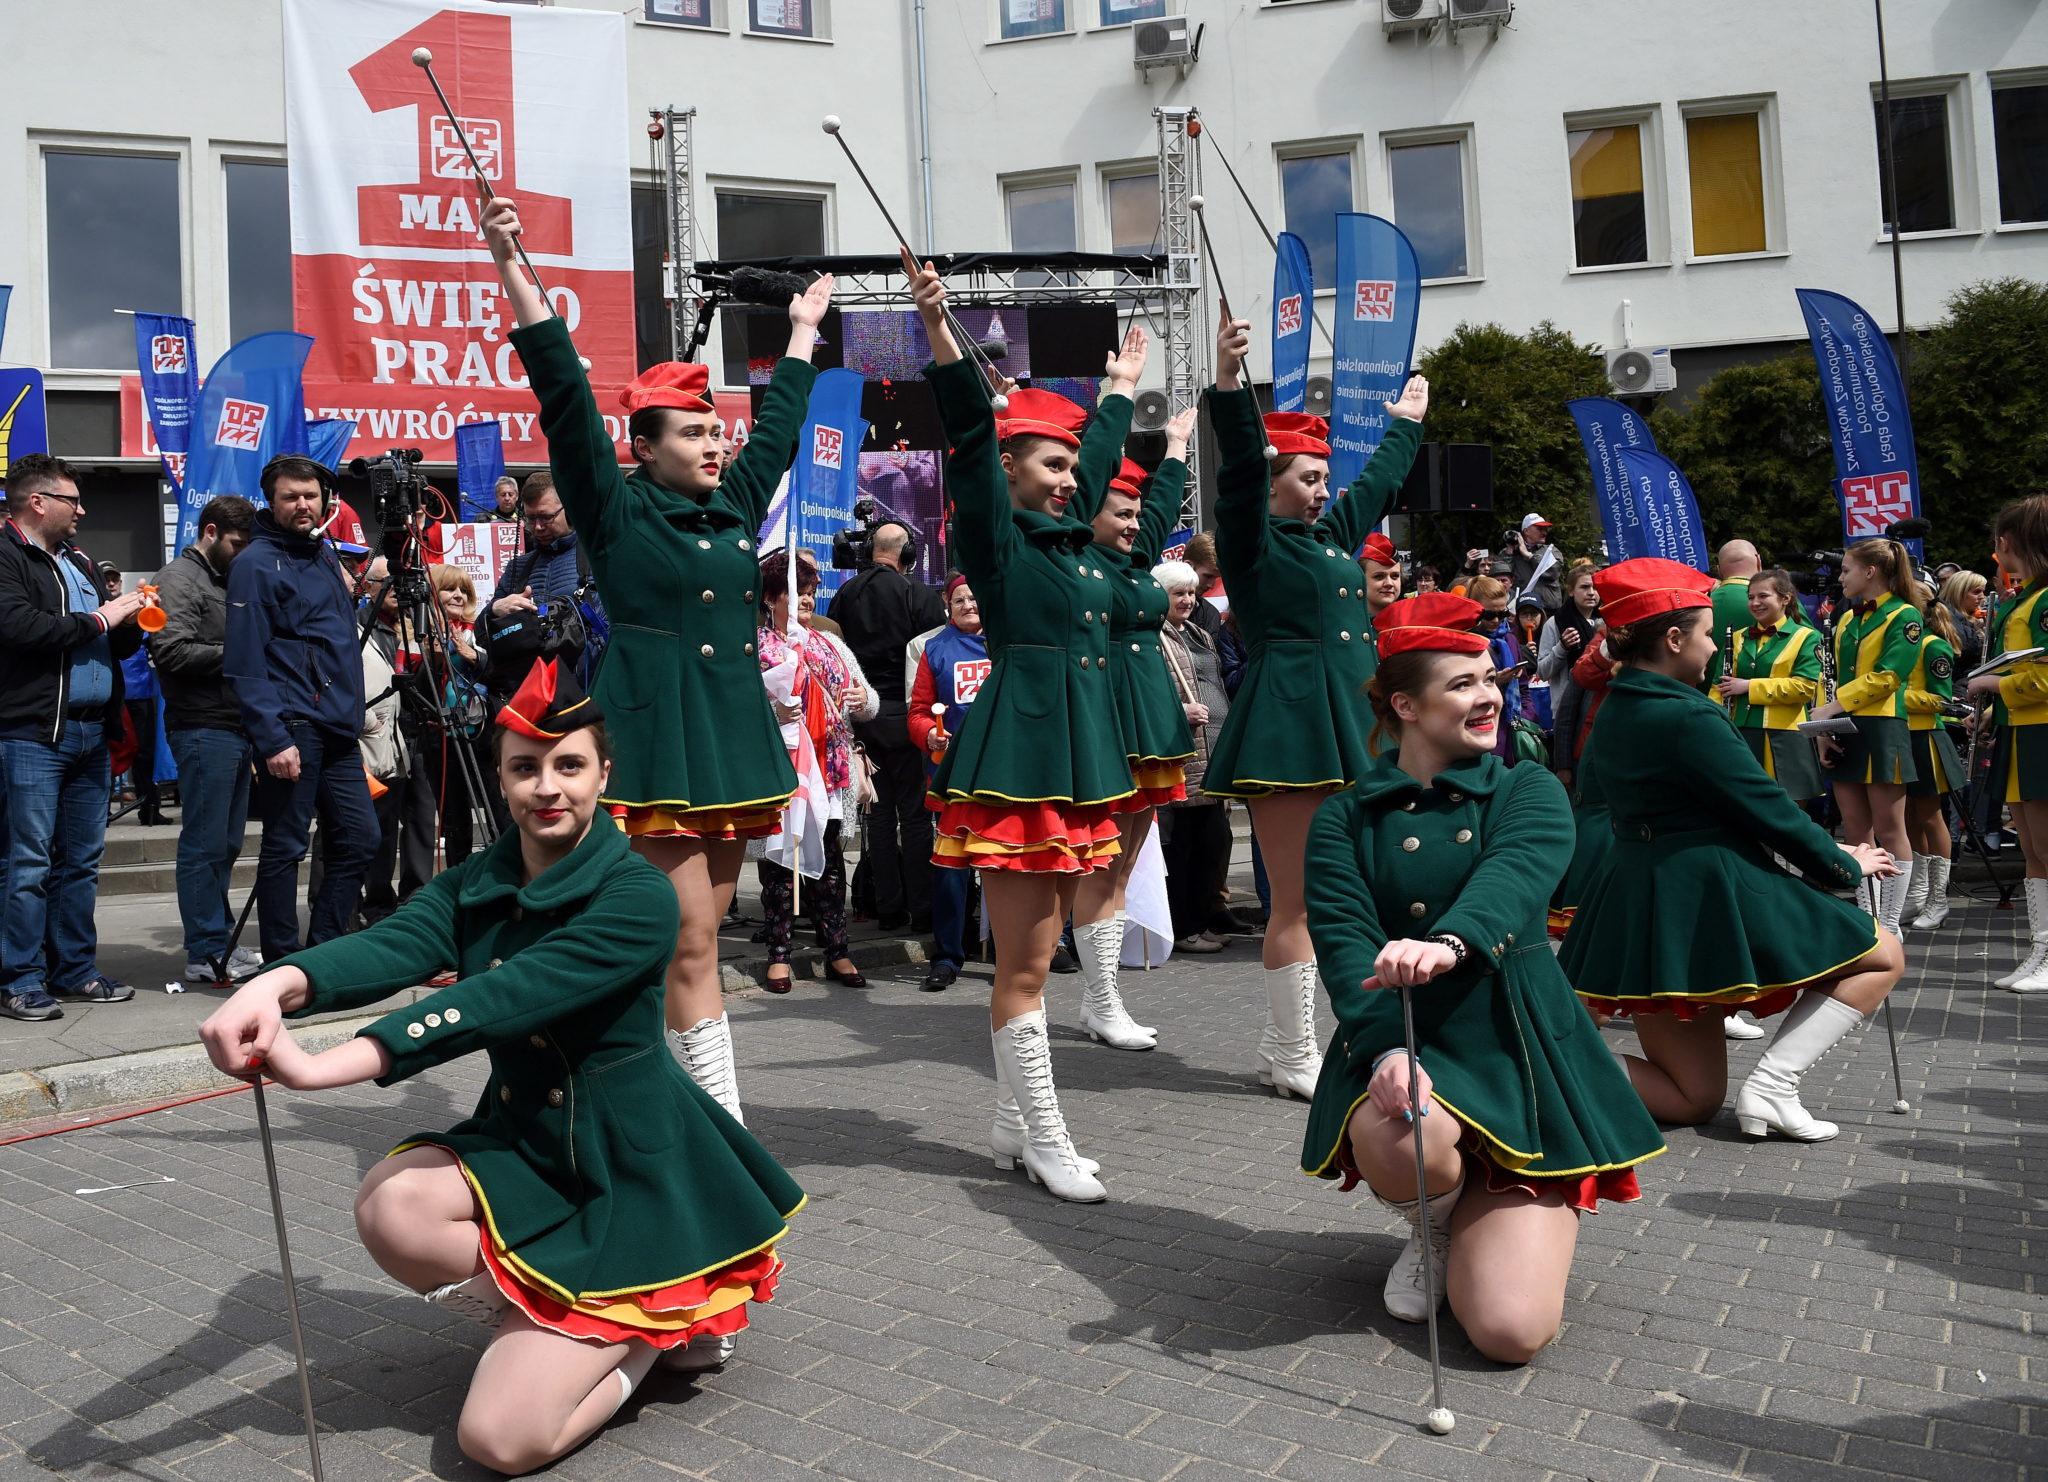 Polska: Święto Pracy w Warszawie (foto. PAP/Radek Pietruszka)